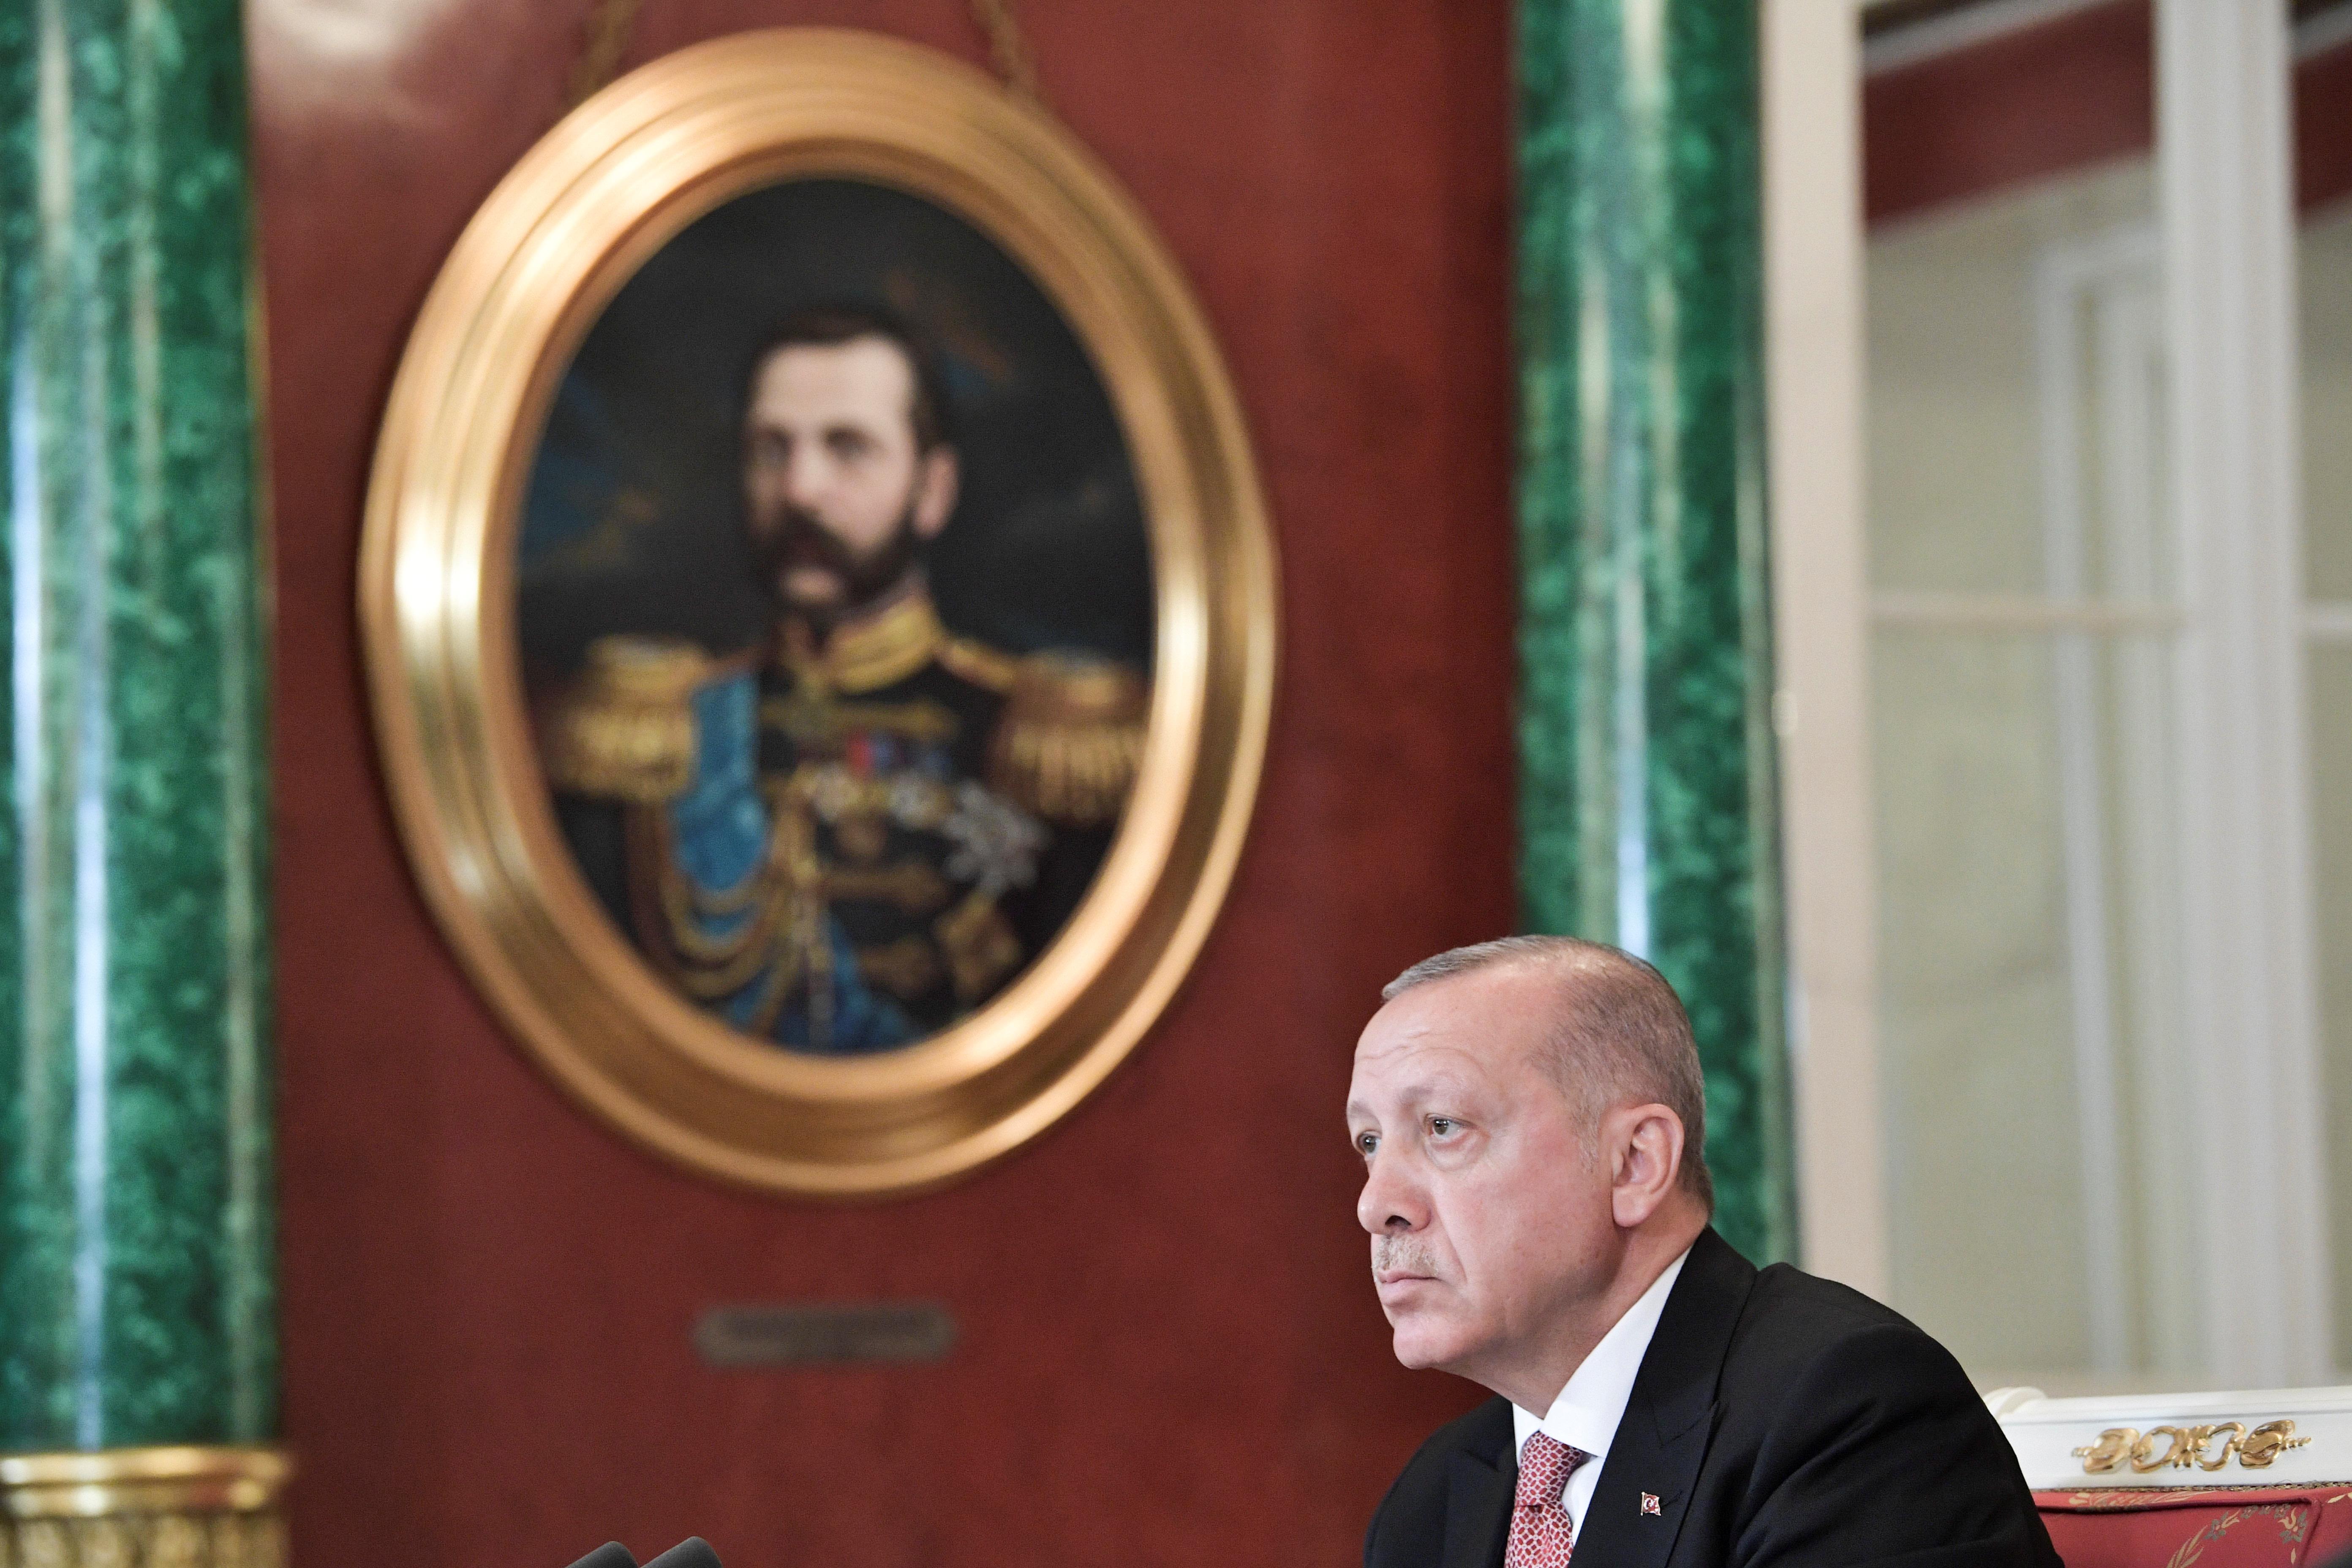 بعد خسارته.. أردوغان يتوعّد خصومه داخل الحزب